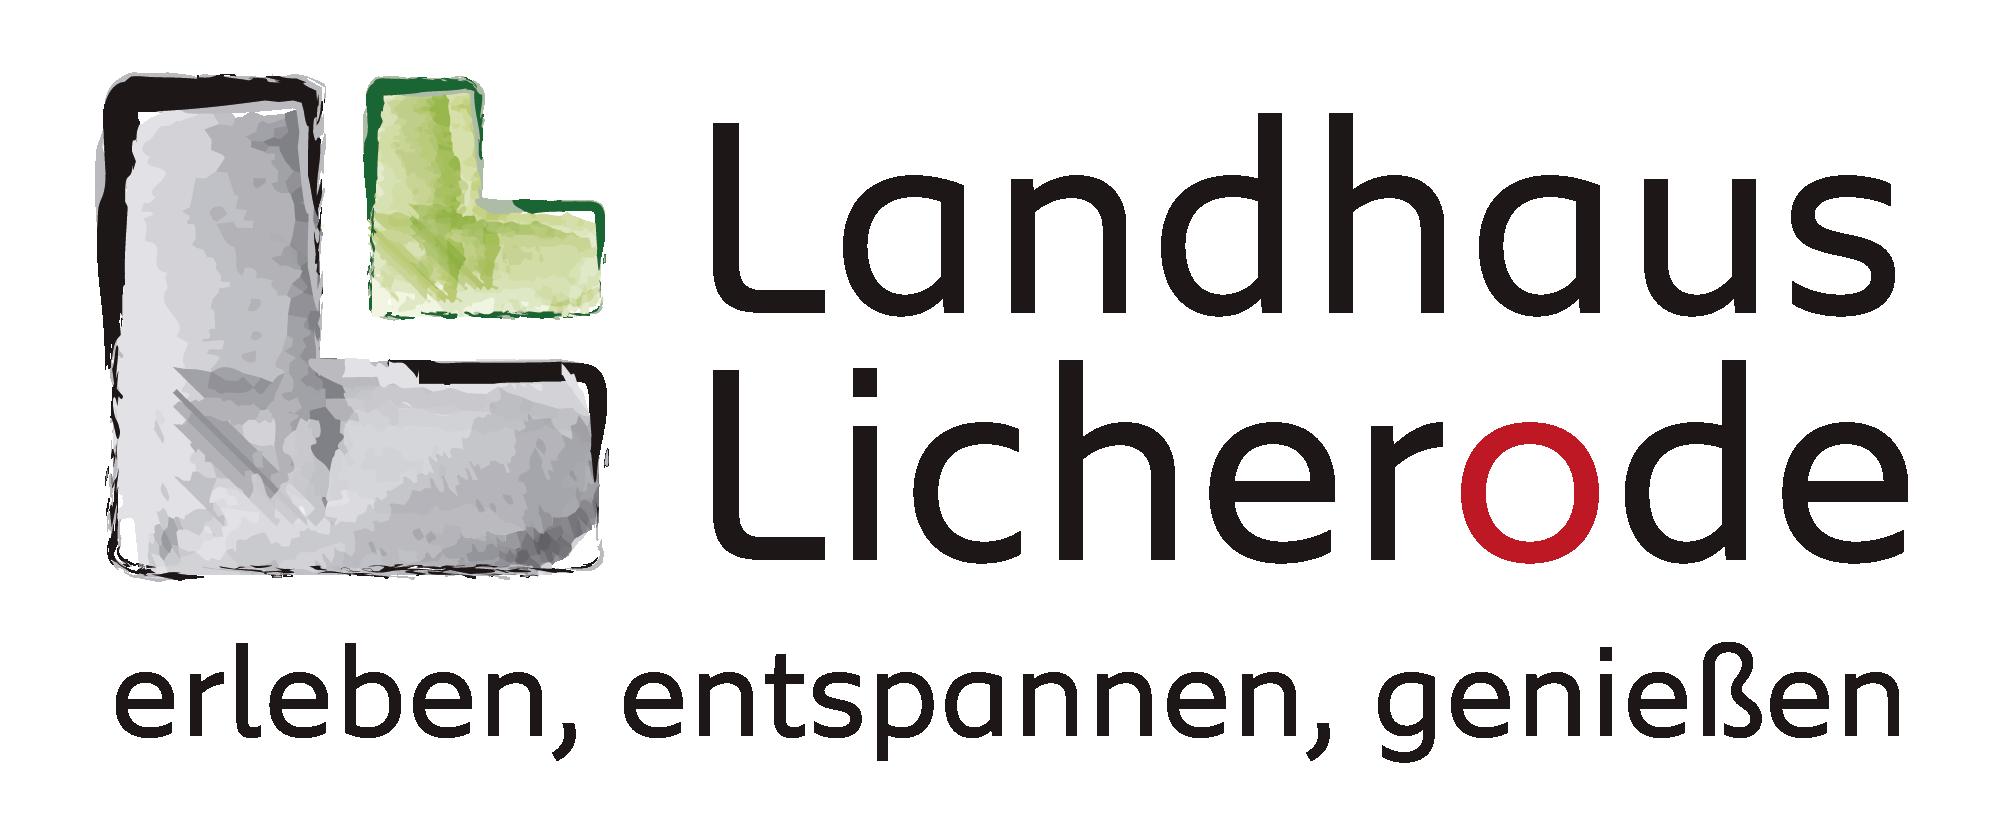 Landhaus Licherode